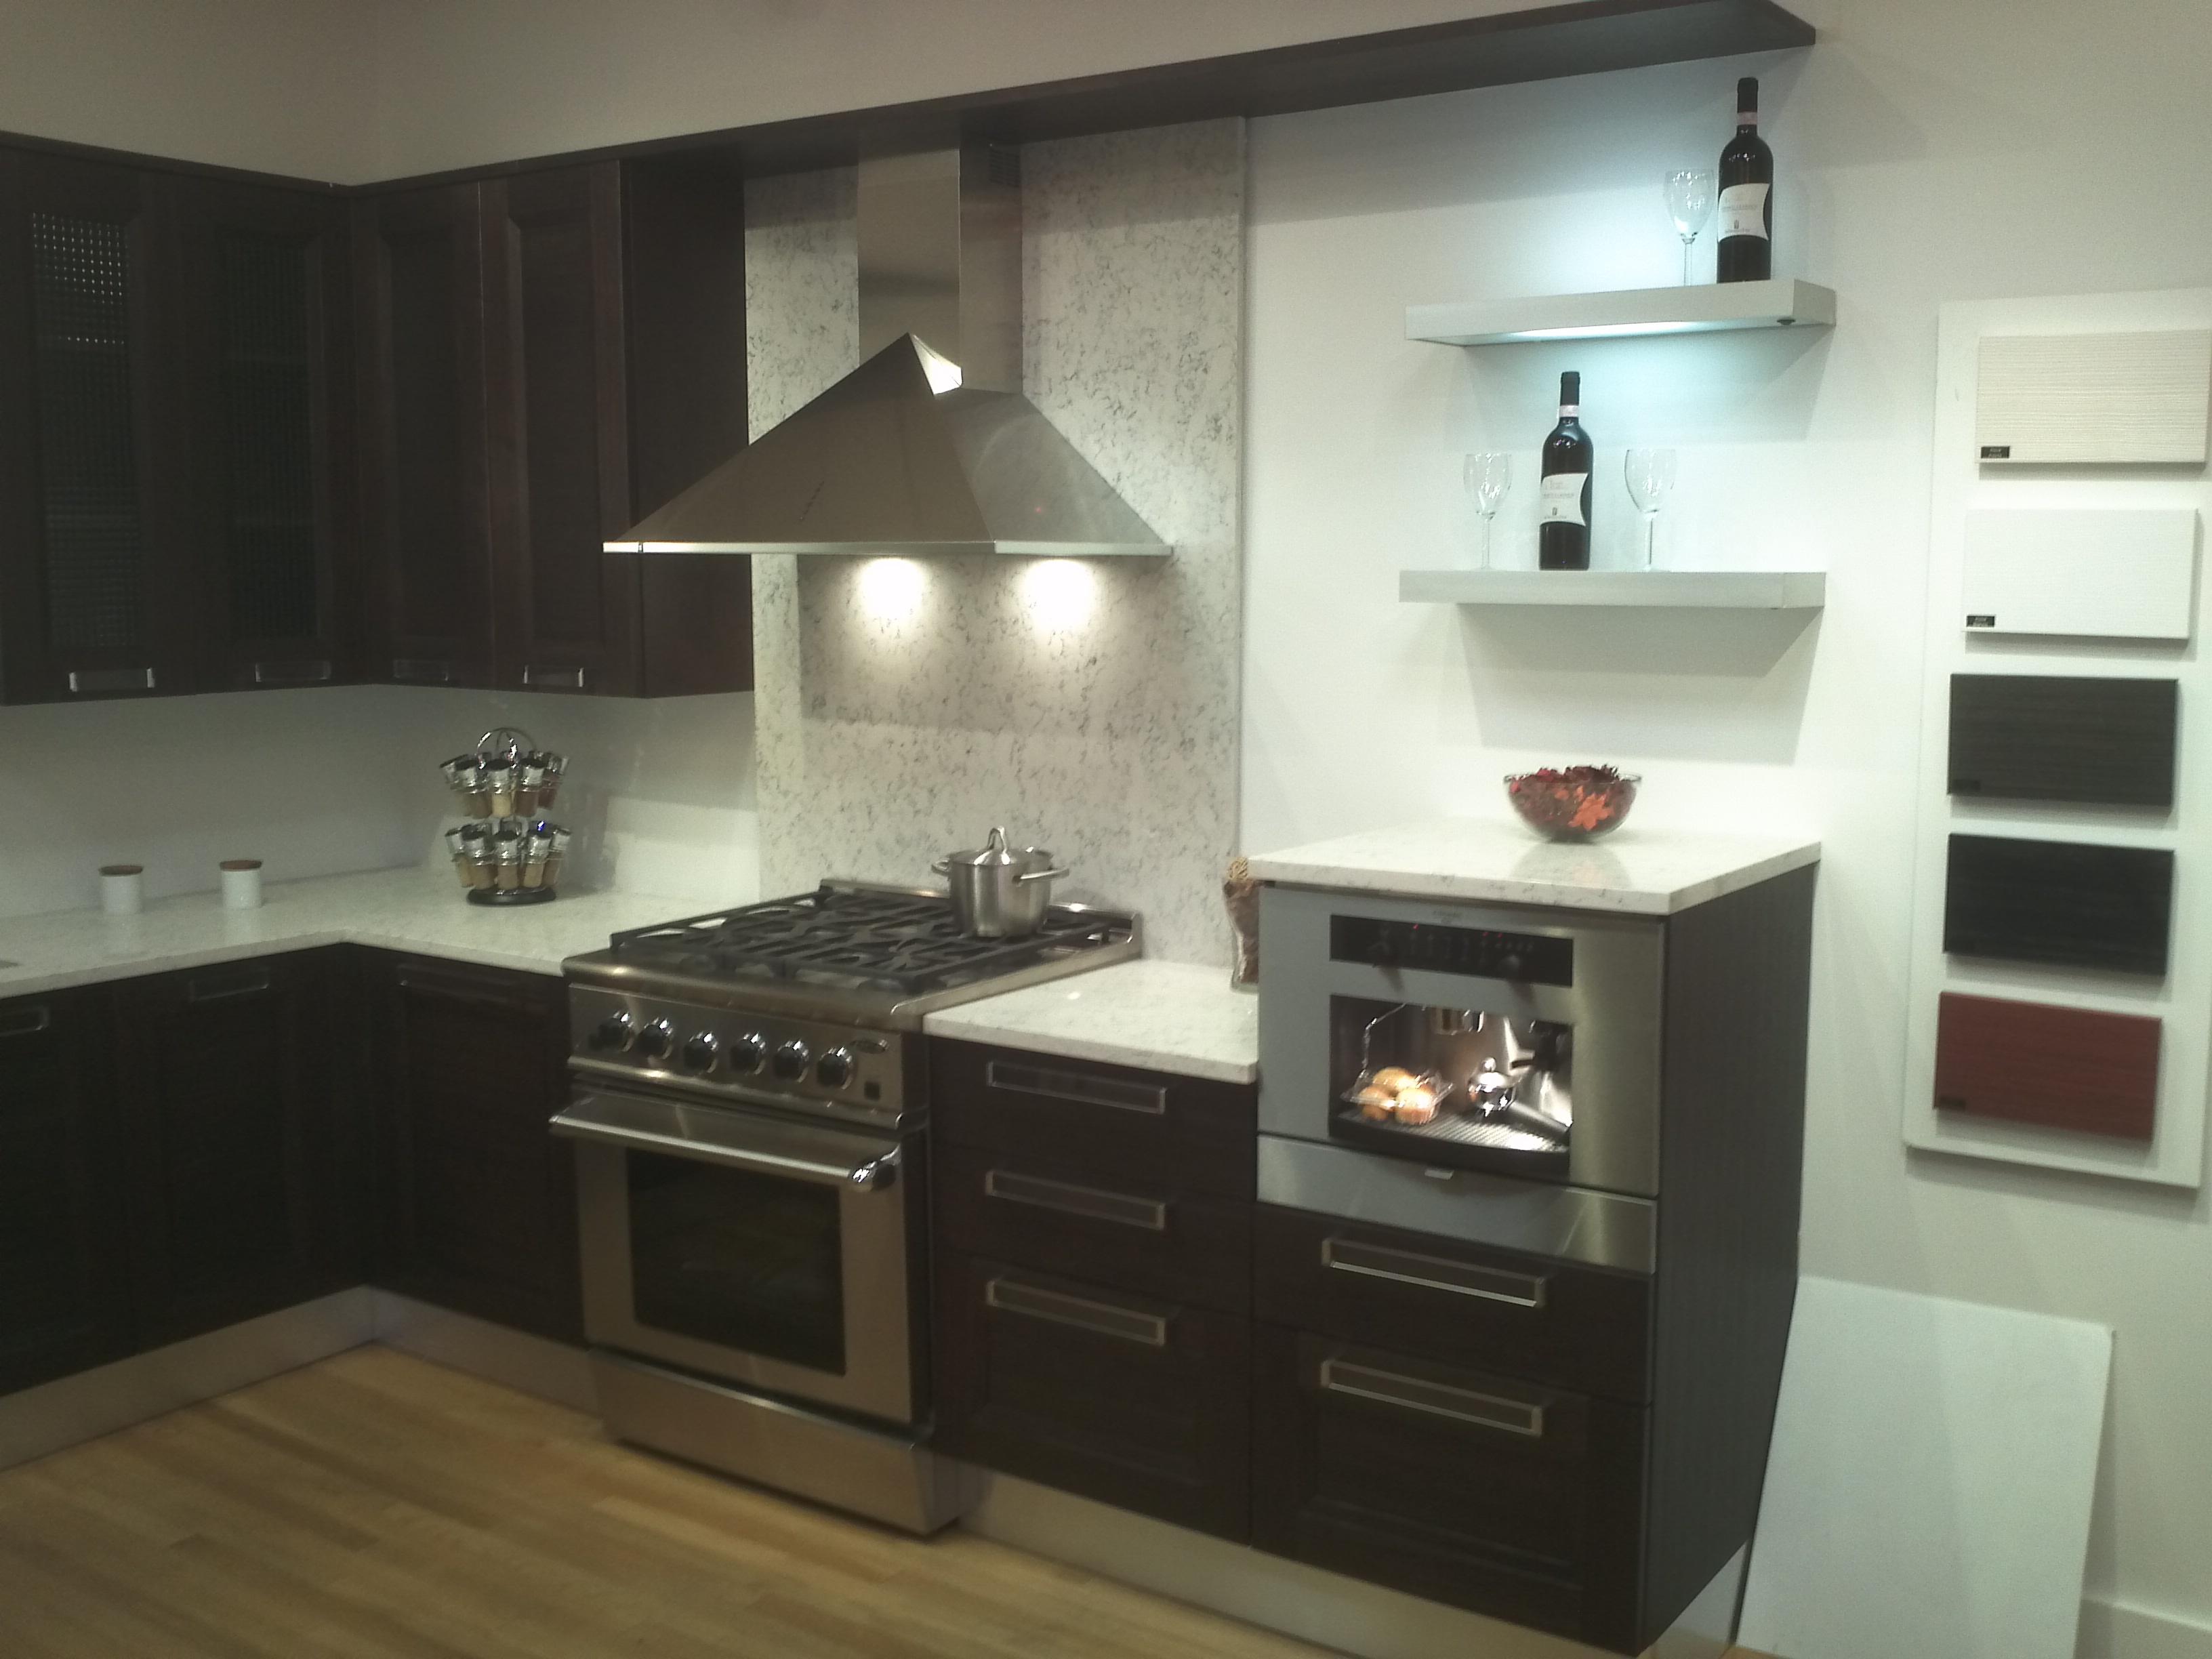 Kitchen design in brooklyn